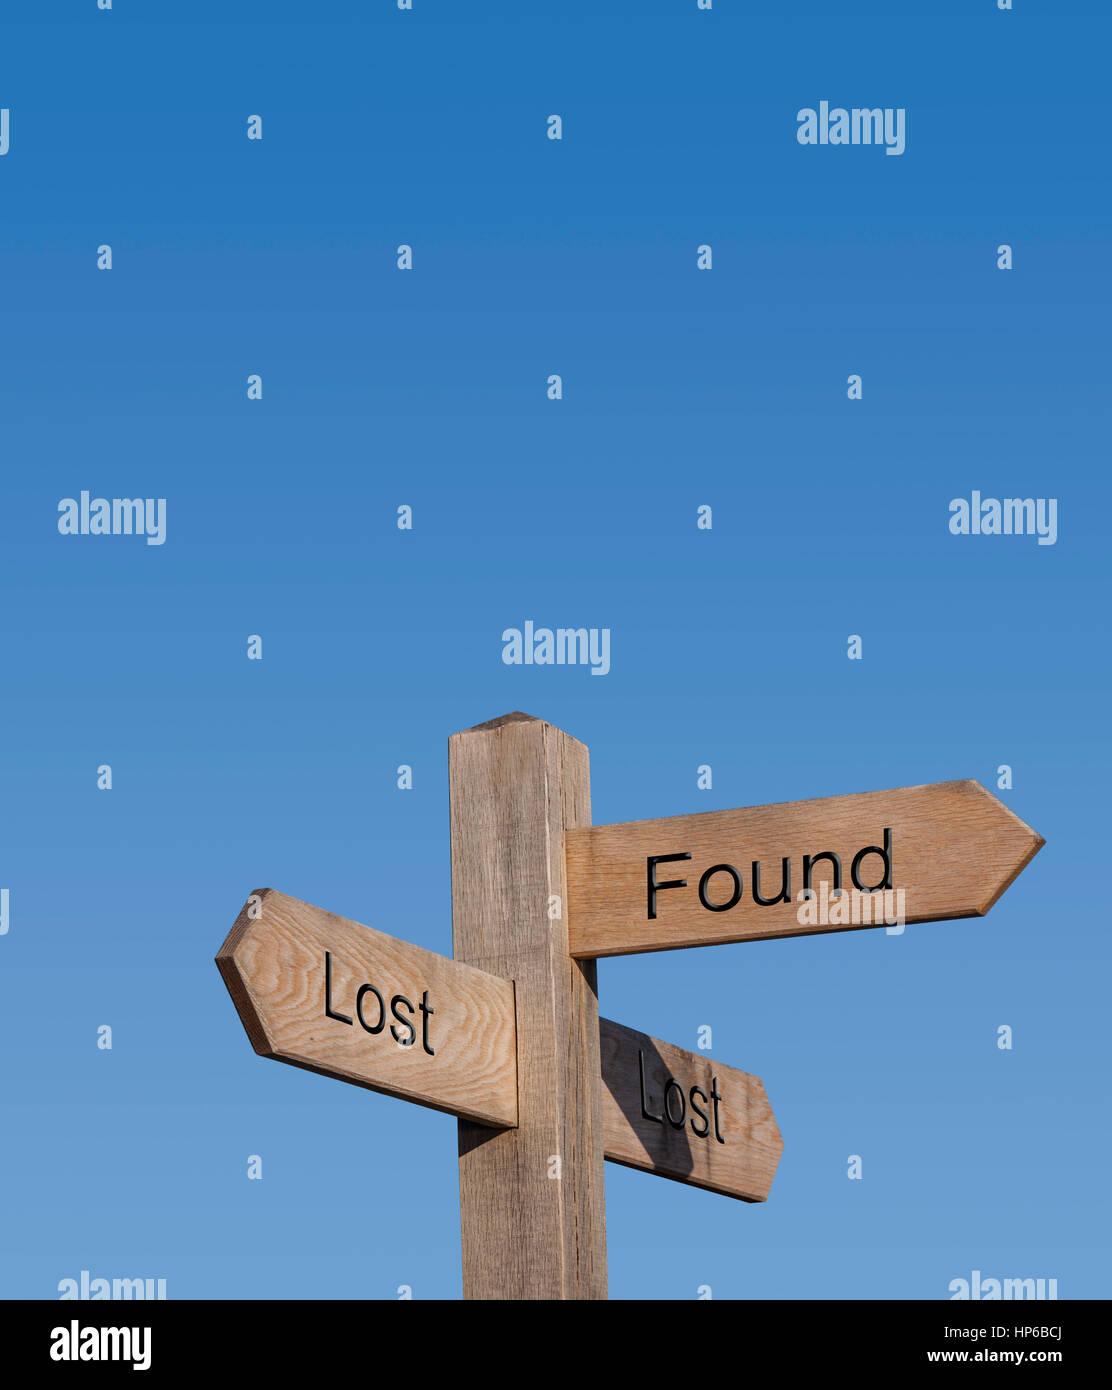 Verloren und gefunden, Wegweiser, Schilder, Post, Weg, Strecke, Richtung Konzept Stockbild